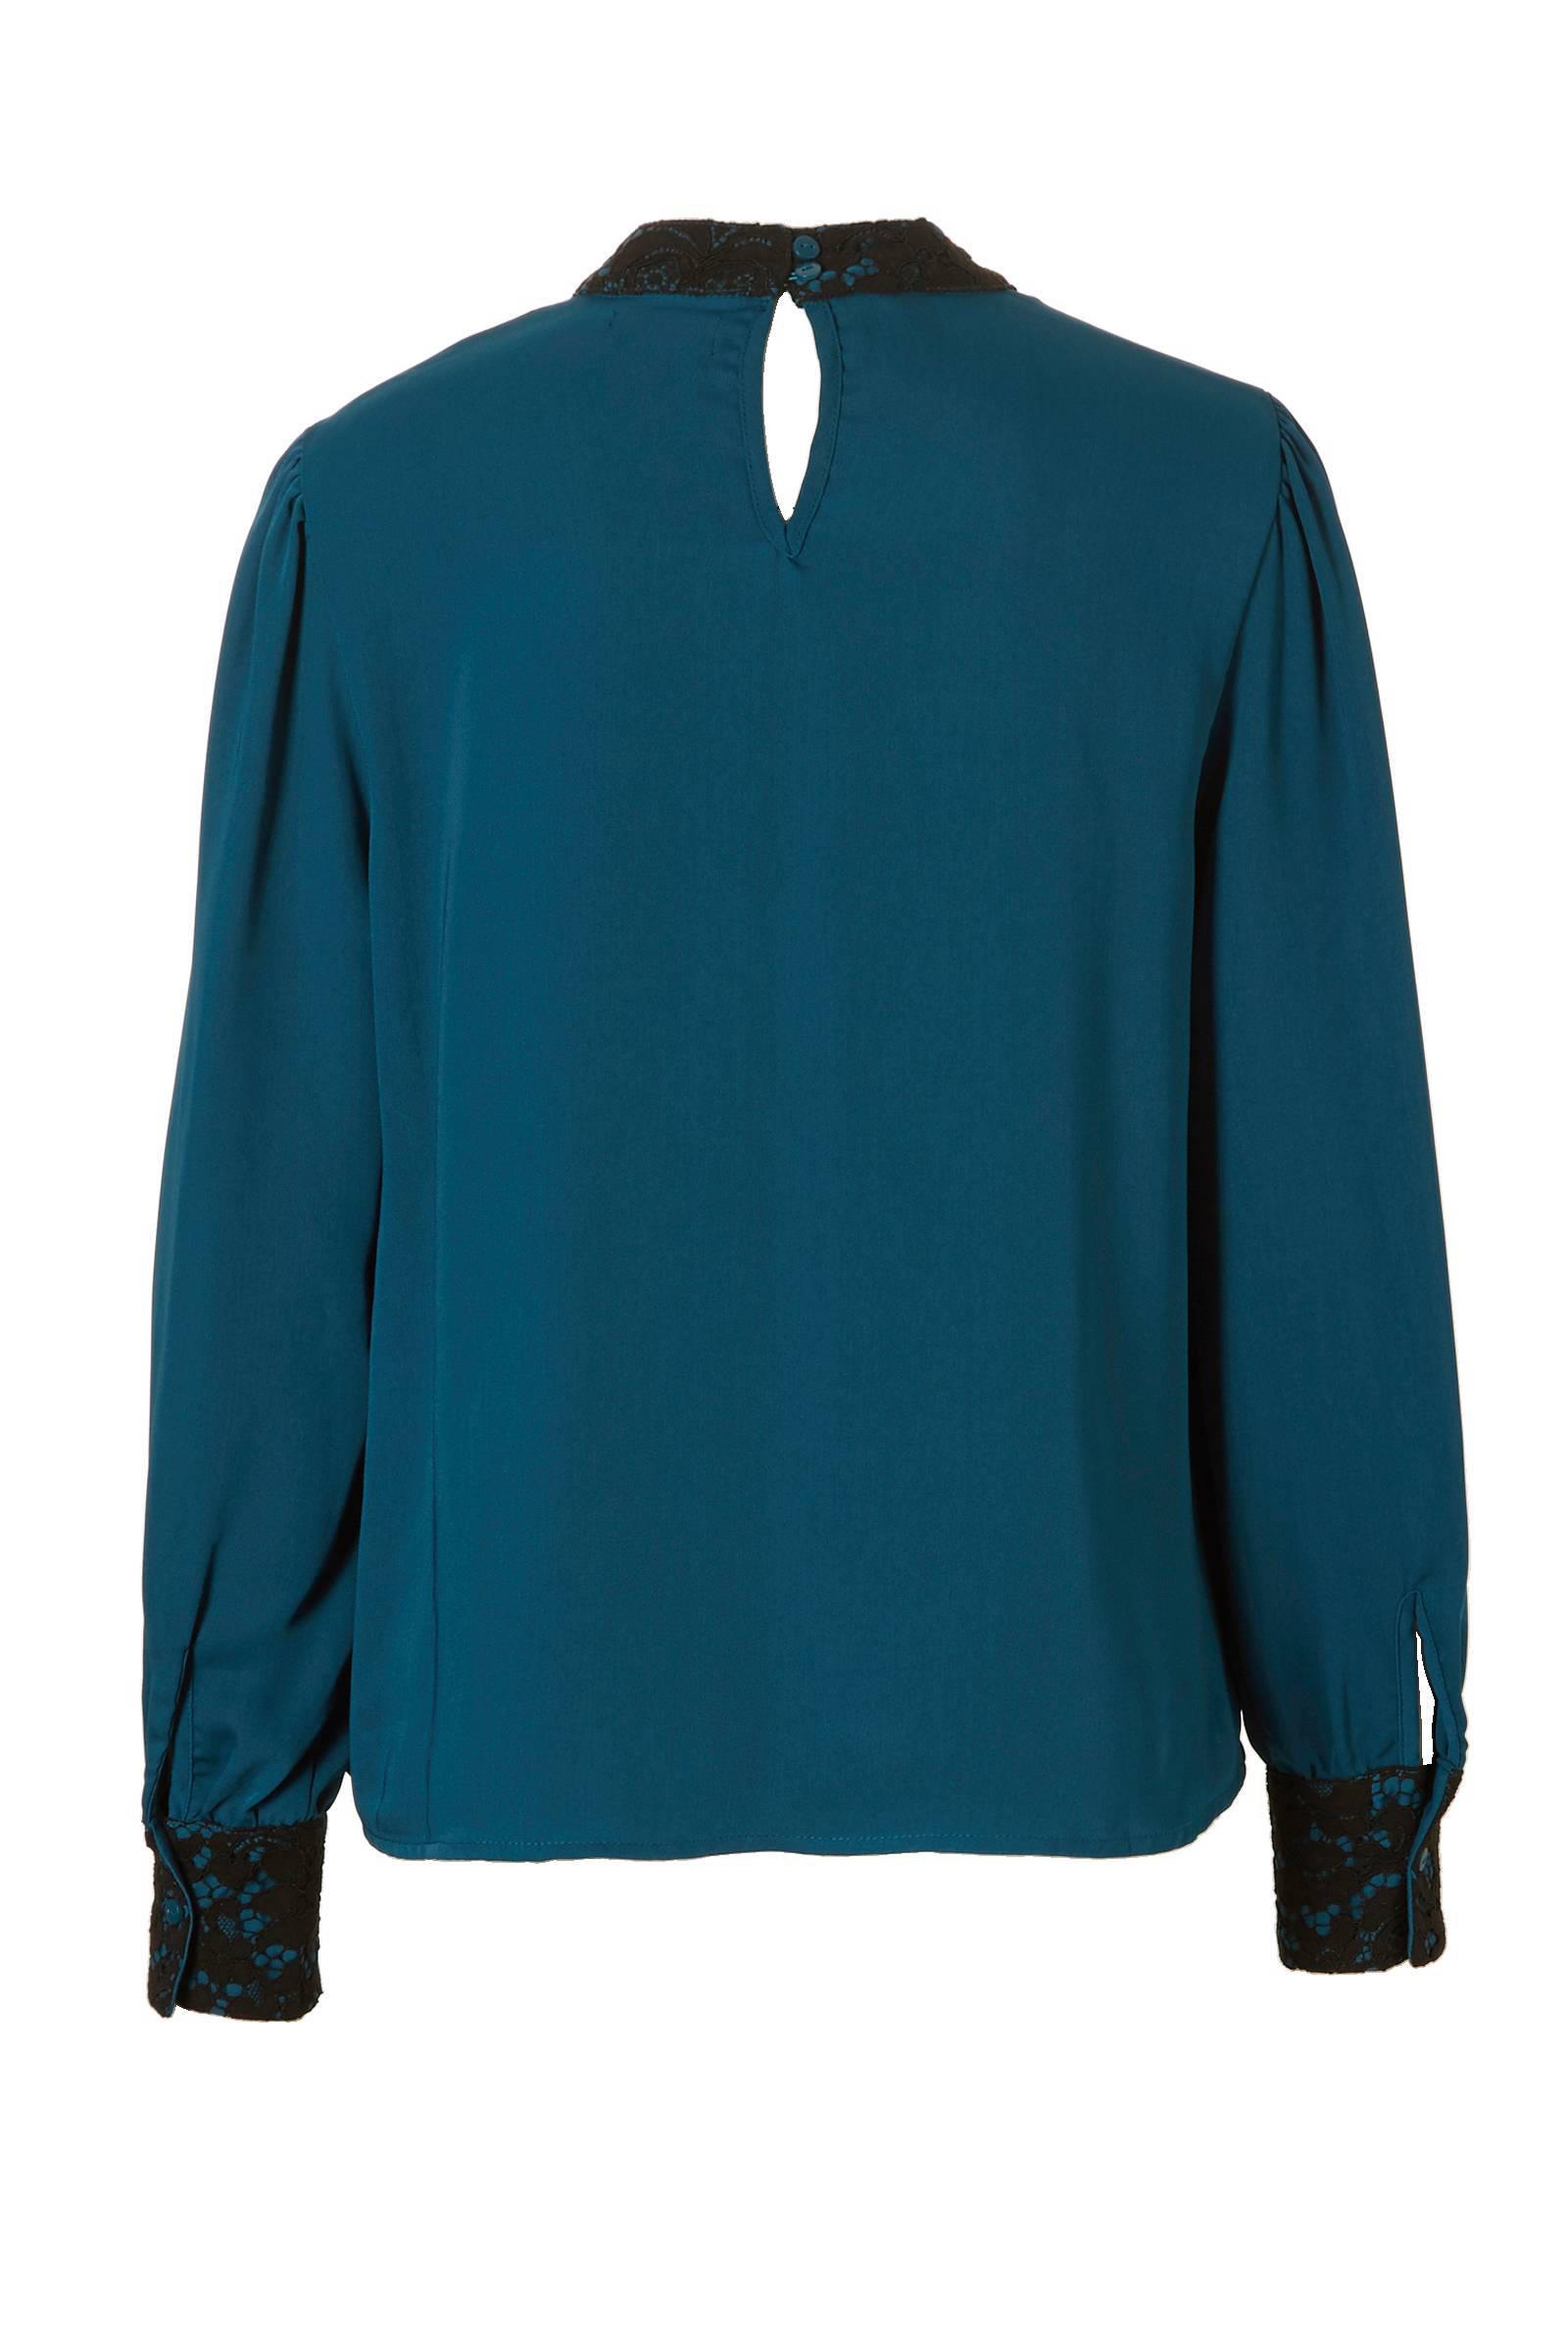 DE met YONG kanten JACQUELINE blouse details ZdABnqR